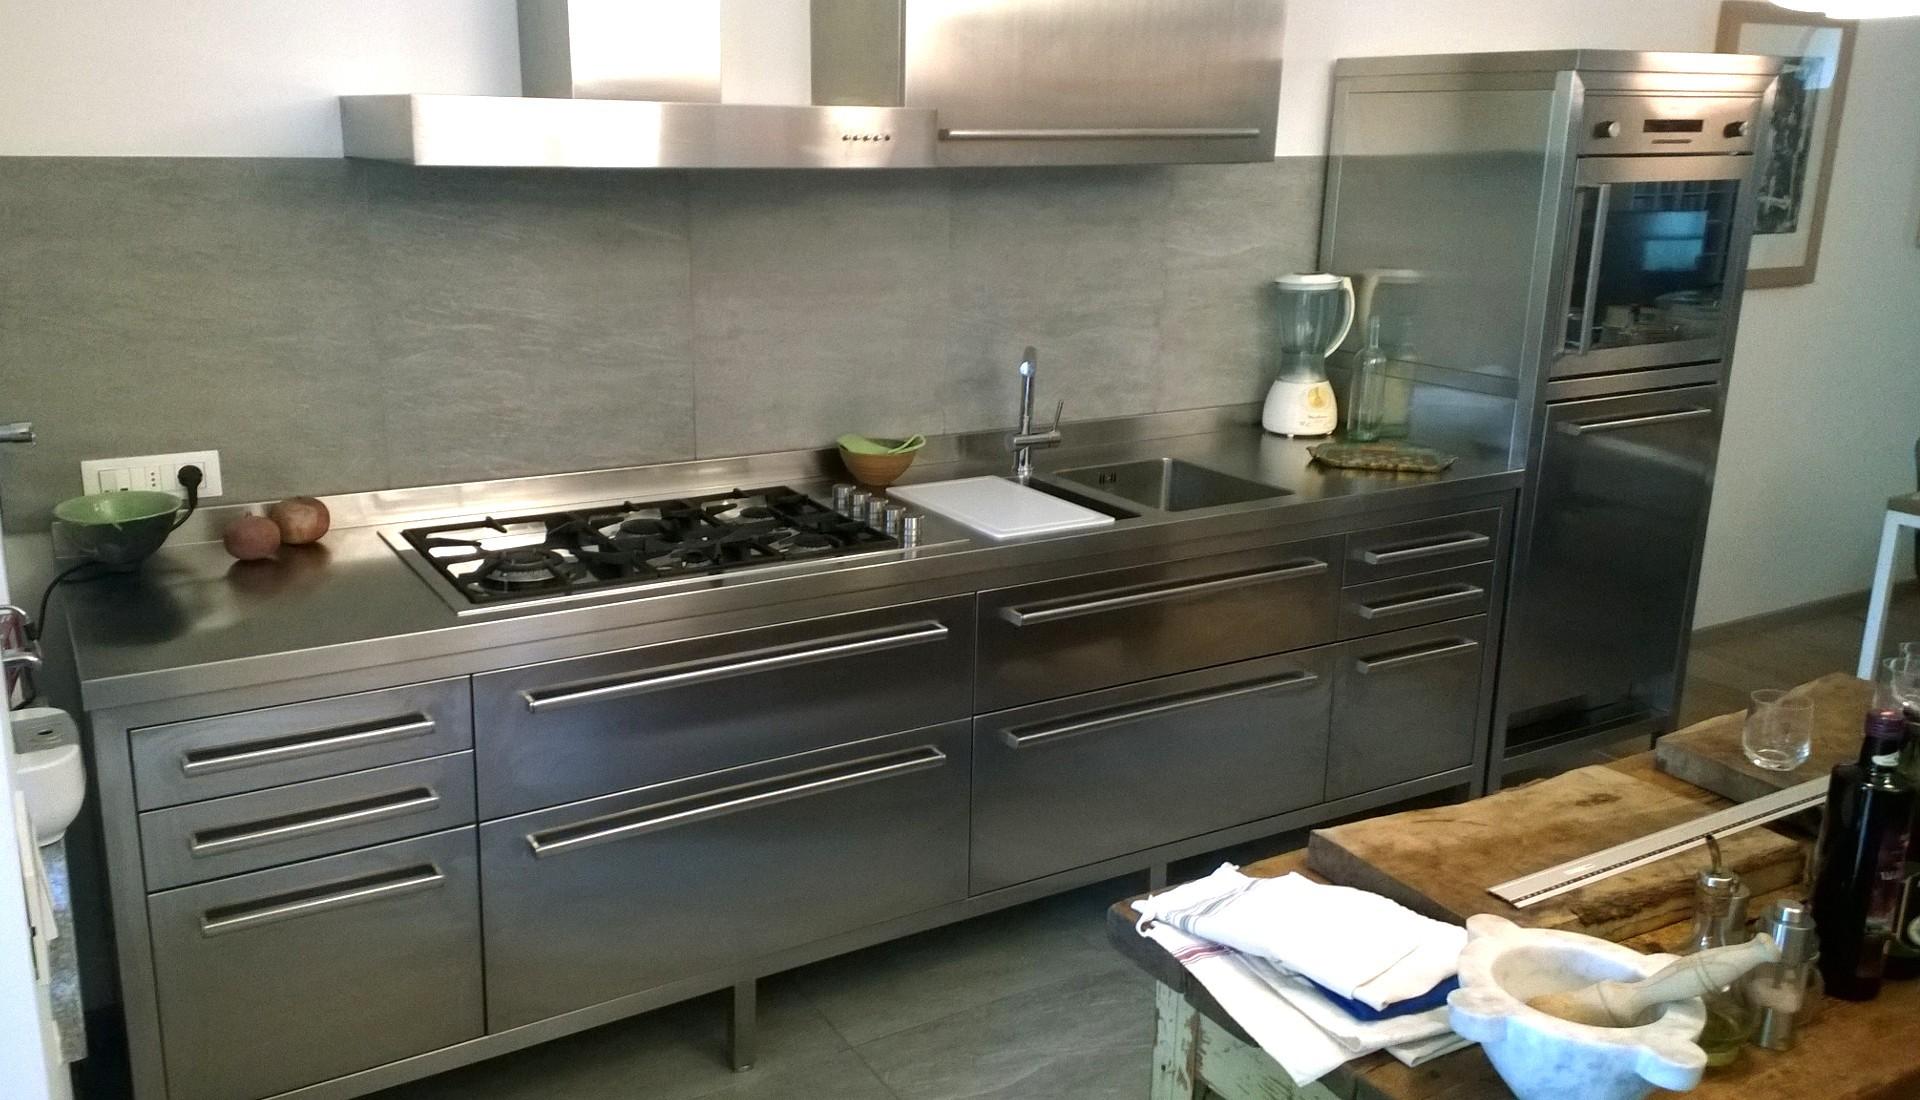 Mobili Cucina Professionale Acciaio.Cucine Acciaio Inox Borlina Acciaio